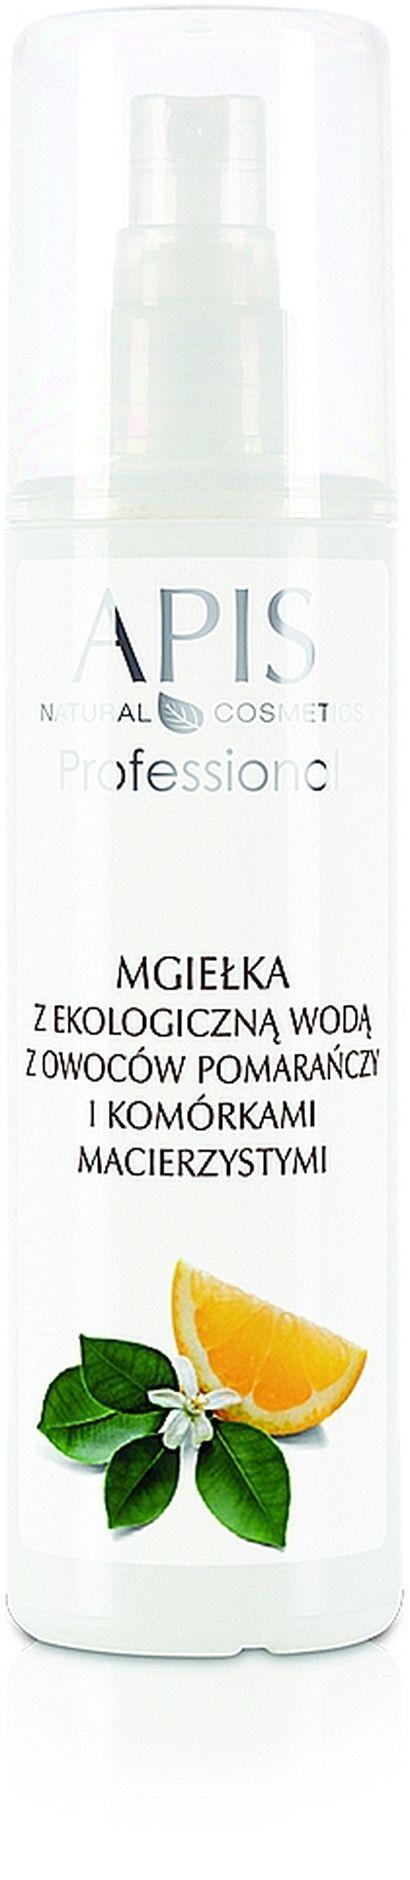 mgielka-z-ekologiczna-woda-z-owocow-pomaranczy-i-komorkami-macierzystymi-–-nowosc-w-ofercie-apis-natural-cosmetics